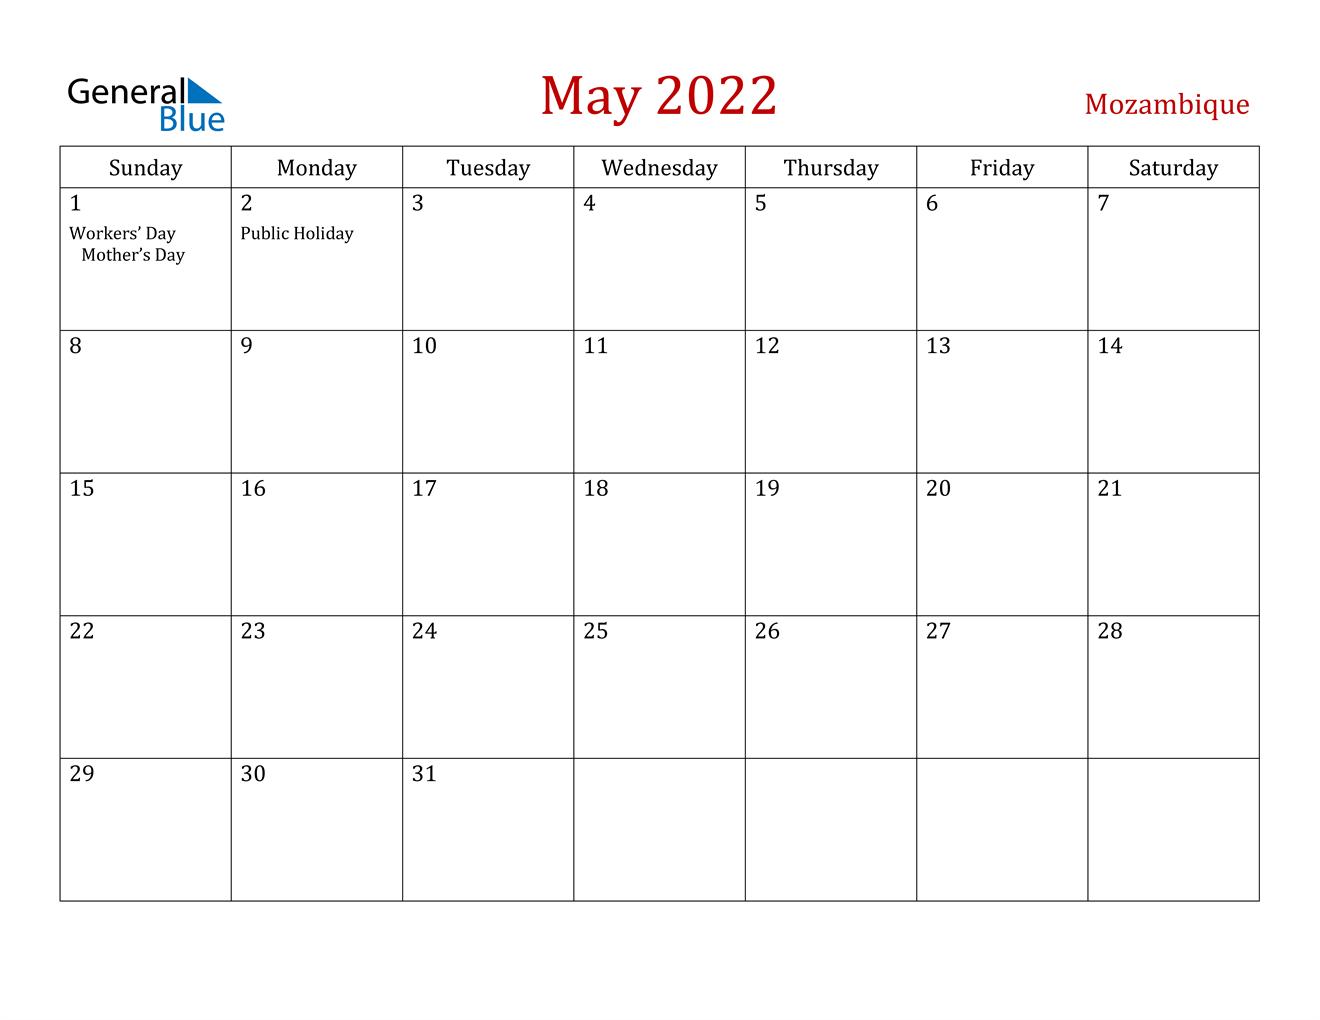 May 2022 Calendar - Mozambique